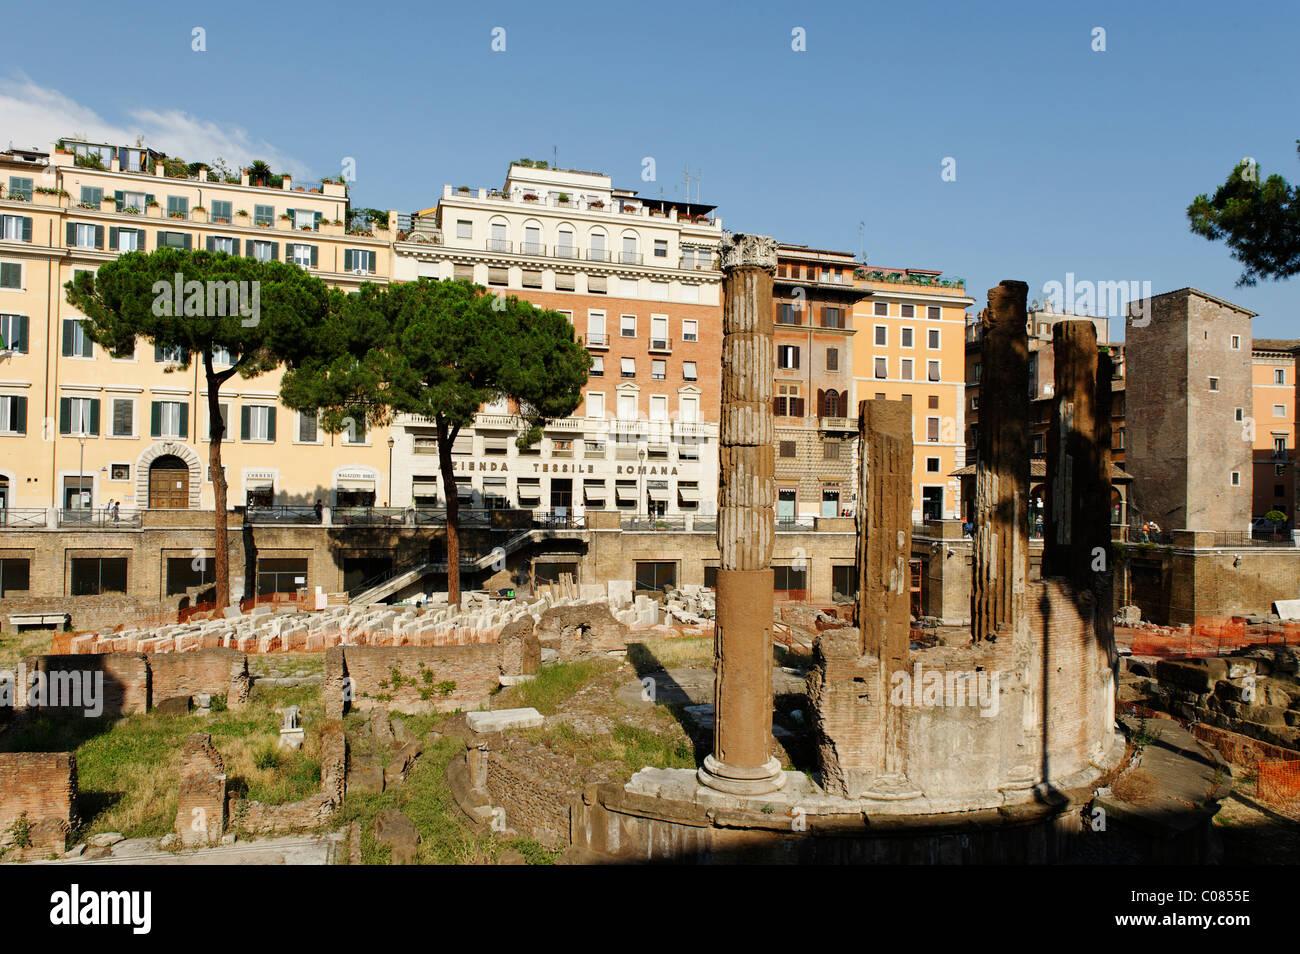 Area Sacra di Largo Argentina, Pigna, Rome, Italy, Europe - Stock Image